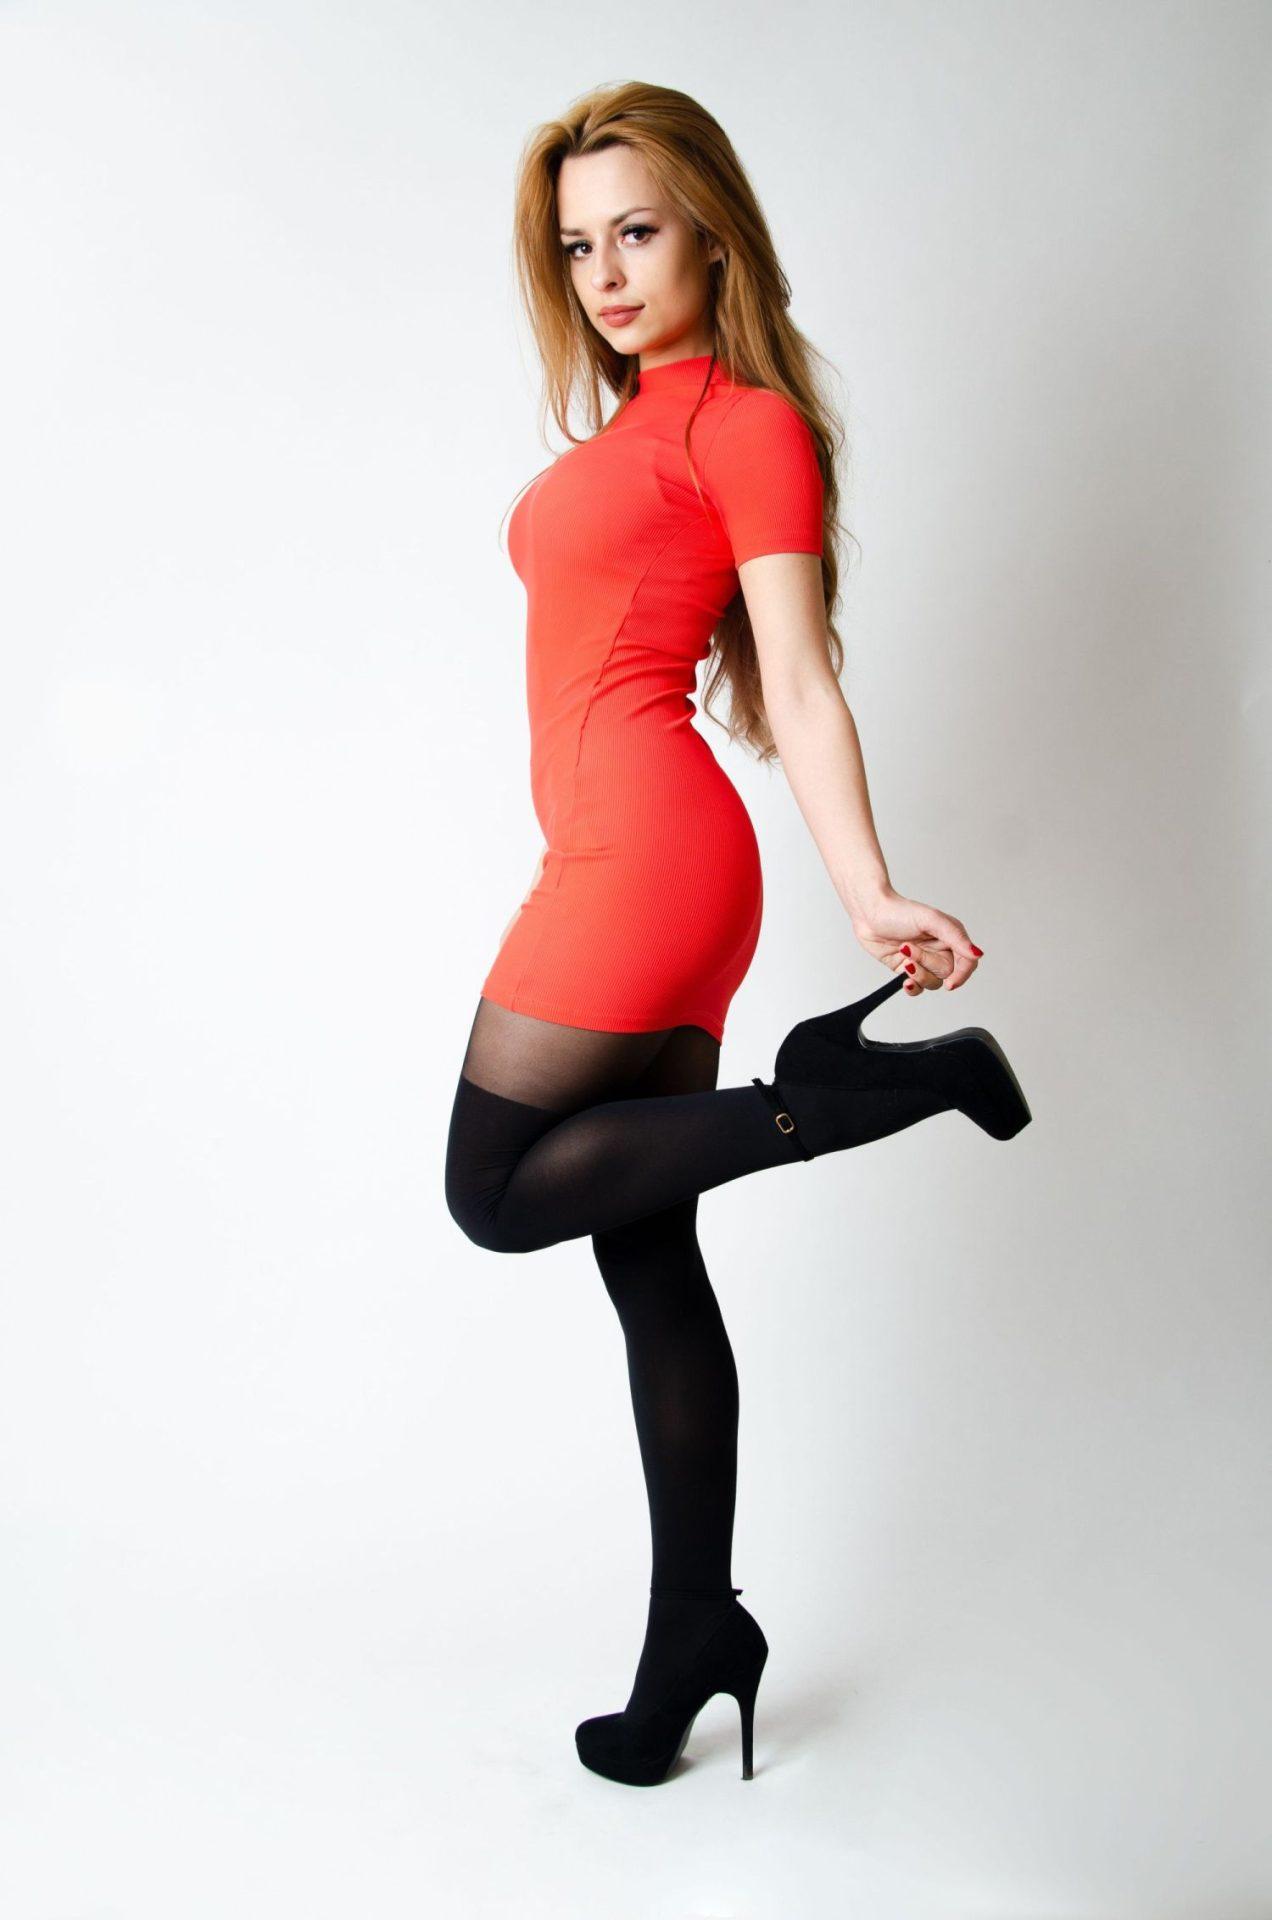 Jaka sukienka pasuje do czarnych rajstop? Poznaj stylowe